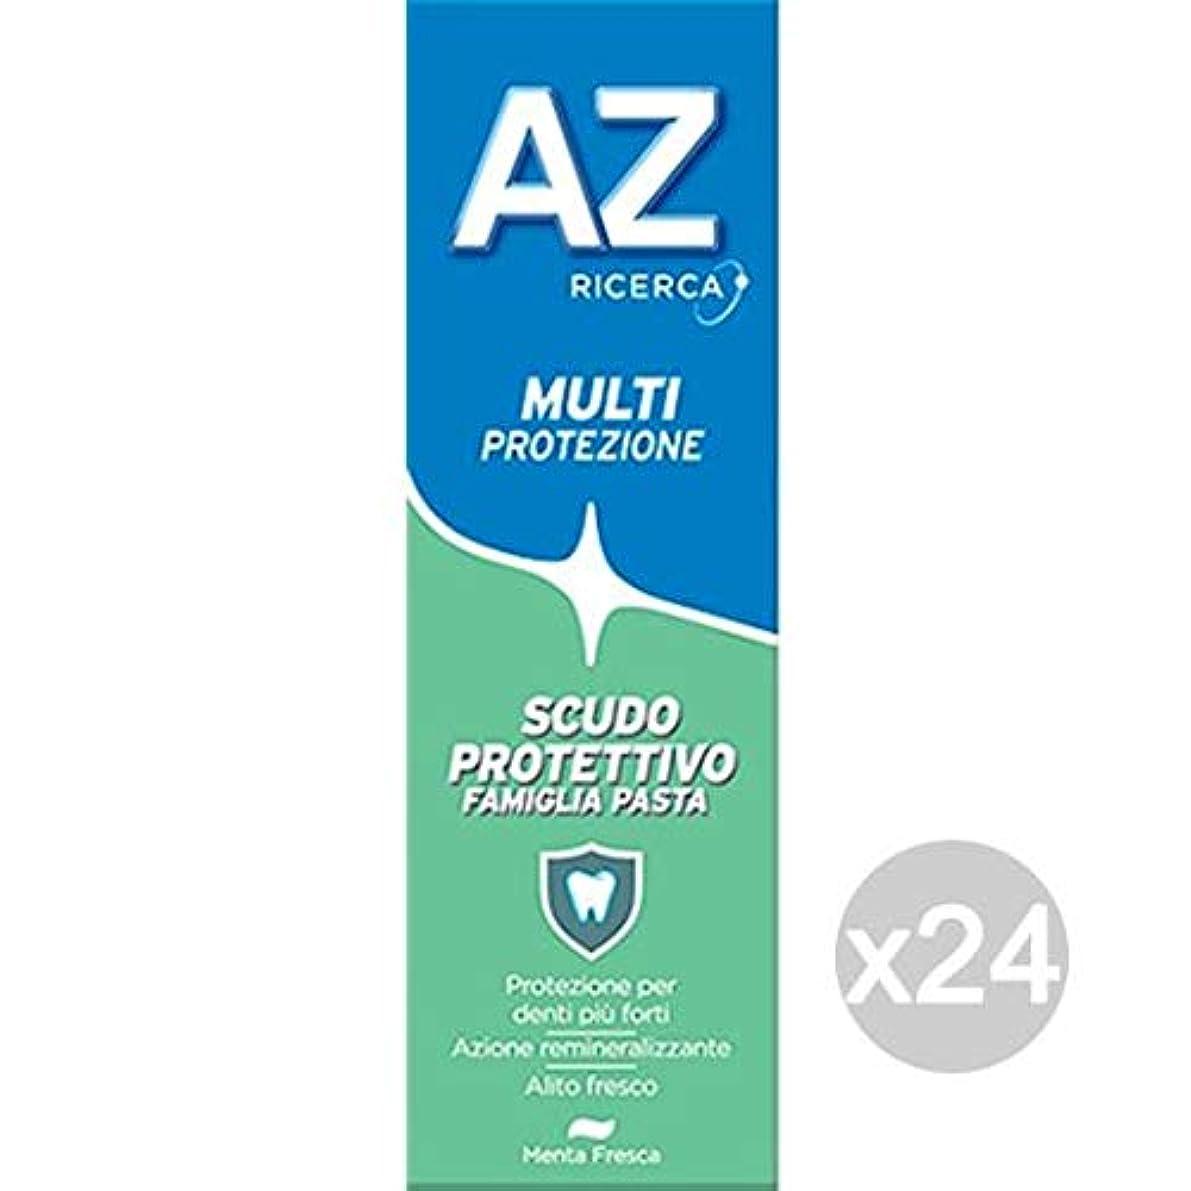 妻矩形感性AZ 24本セット ティースグリーンペーストシールド ファミリー クラシック 衛生的 歯のお手入れ マルチカラー ワンサイズ